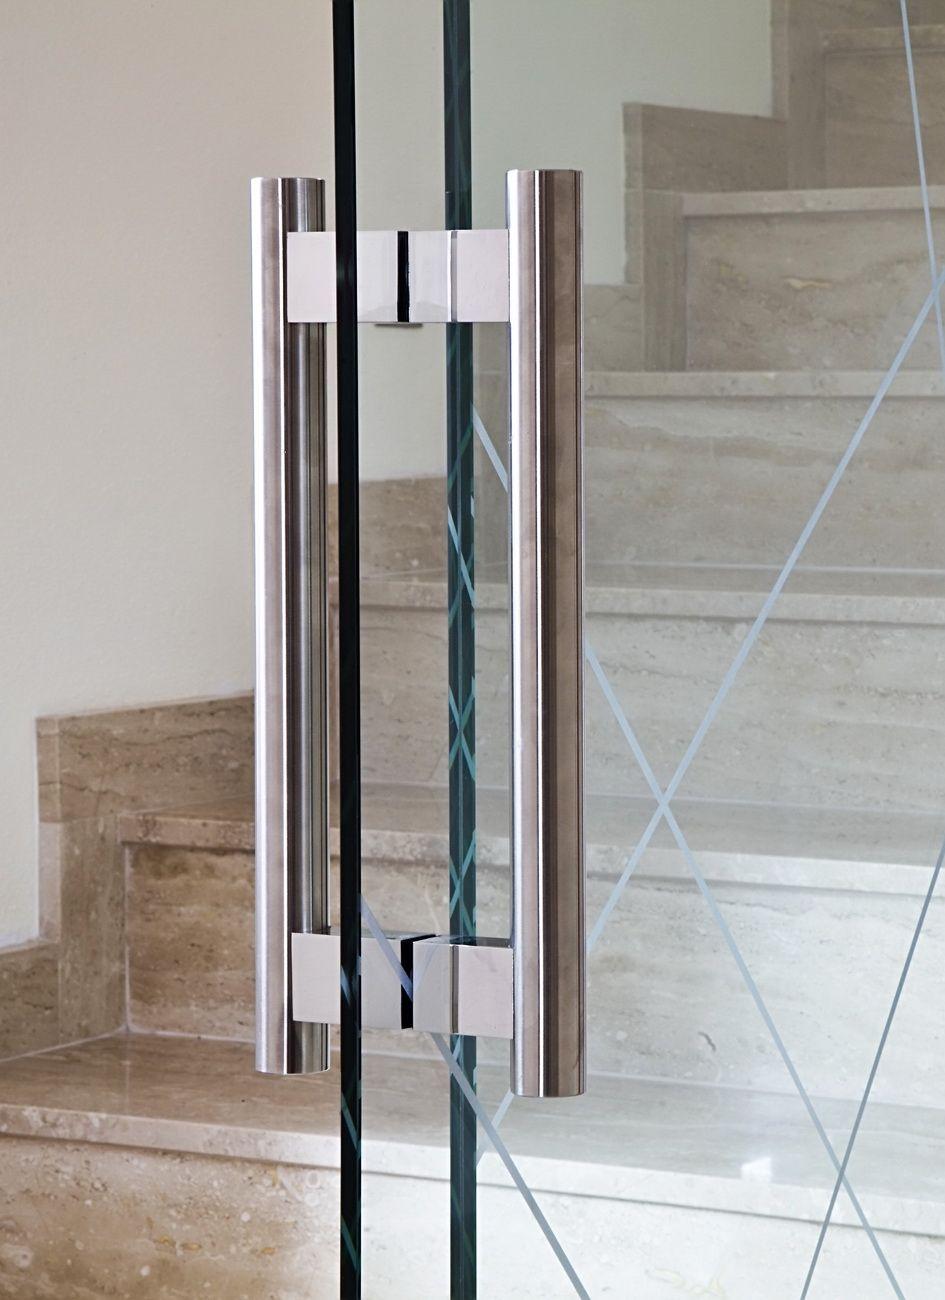 Ручка на полотне стеклянной двери